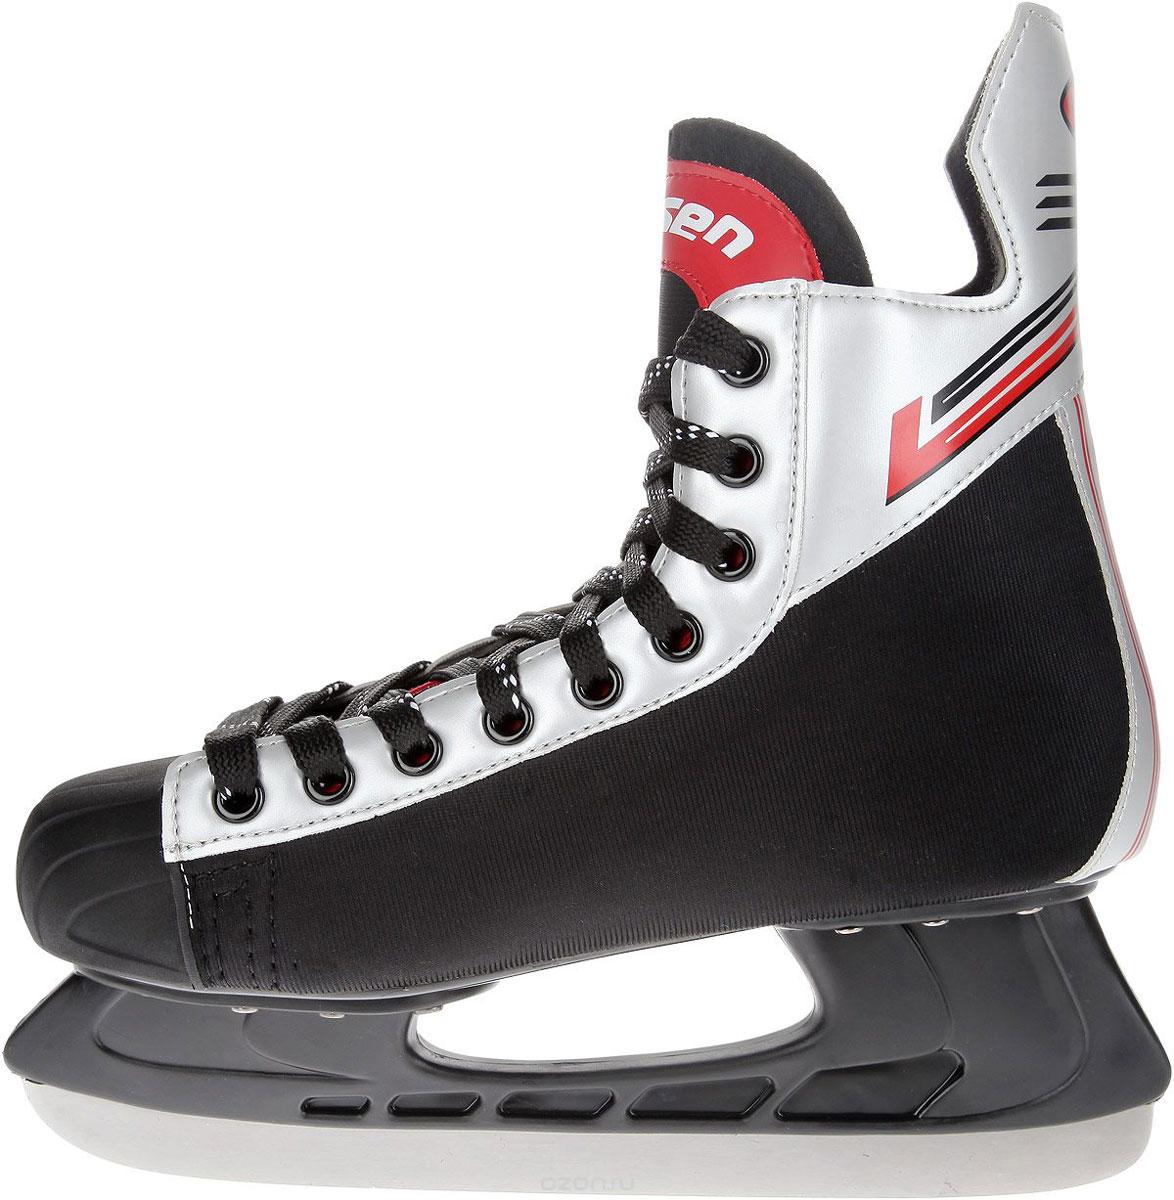 Коньки хоккейные мужские Larsen Alex, цвет: черный, серебристый, красный. Размер 38AlexСтильные коньки Alex от Larsen прекрасно подойдут для начинающих игроков в хоккей. Ботиноквыполнен из нейлона и морозоустойчивого поливинилхлорида. Мыс дополнен вставкой изполиуретана, которая защитит ноги от ударов. Внутренний слой изготовлен из мягкого текстиля,который обеспечит тепло и комфорт во время катания, язычок - из войлока. Плотная шнуровканадежно фиксирует модель на ноге. Голеностоп имеет удобный суппорт. Стелька из EVA стекстильной поверхностью обеспечит комфортное катание. Стойка выполнена изударопрочного полипропилена. Лезвие из нержавеющей стали обеспечит превосходноескольжение. В комплект входят пластиковые чехлы для лезвий.